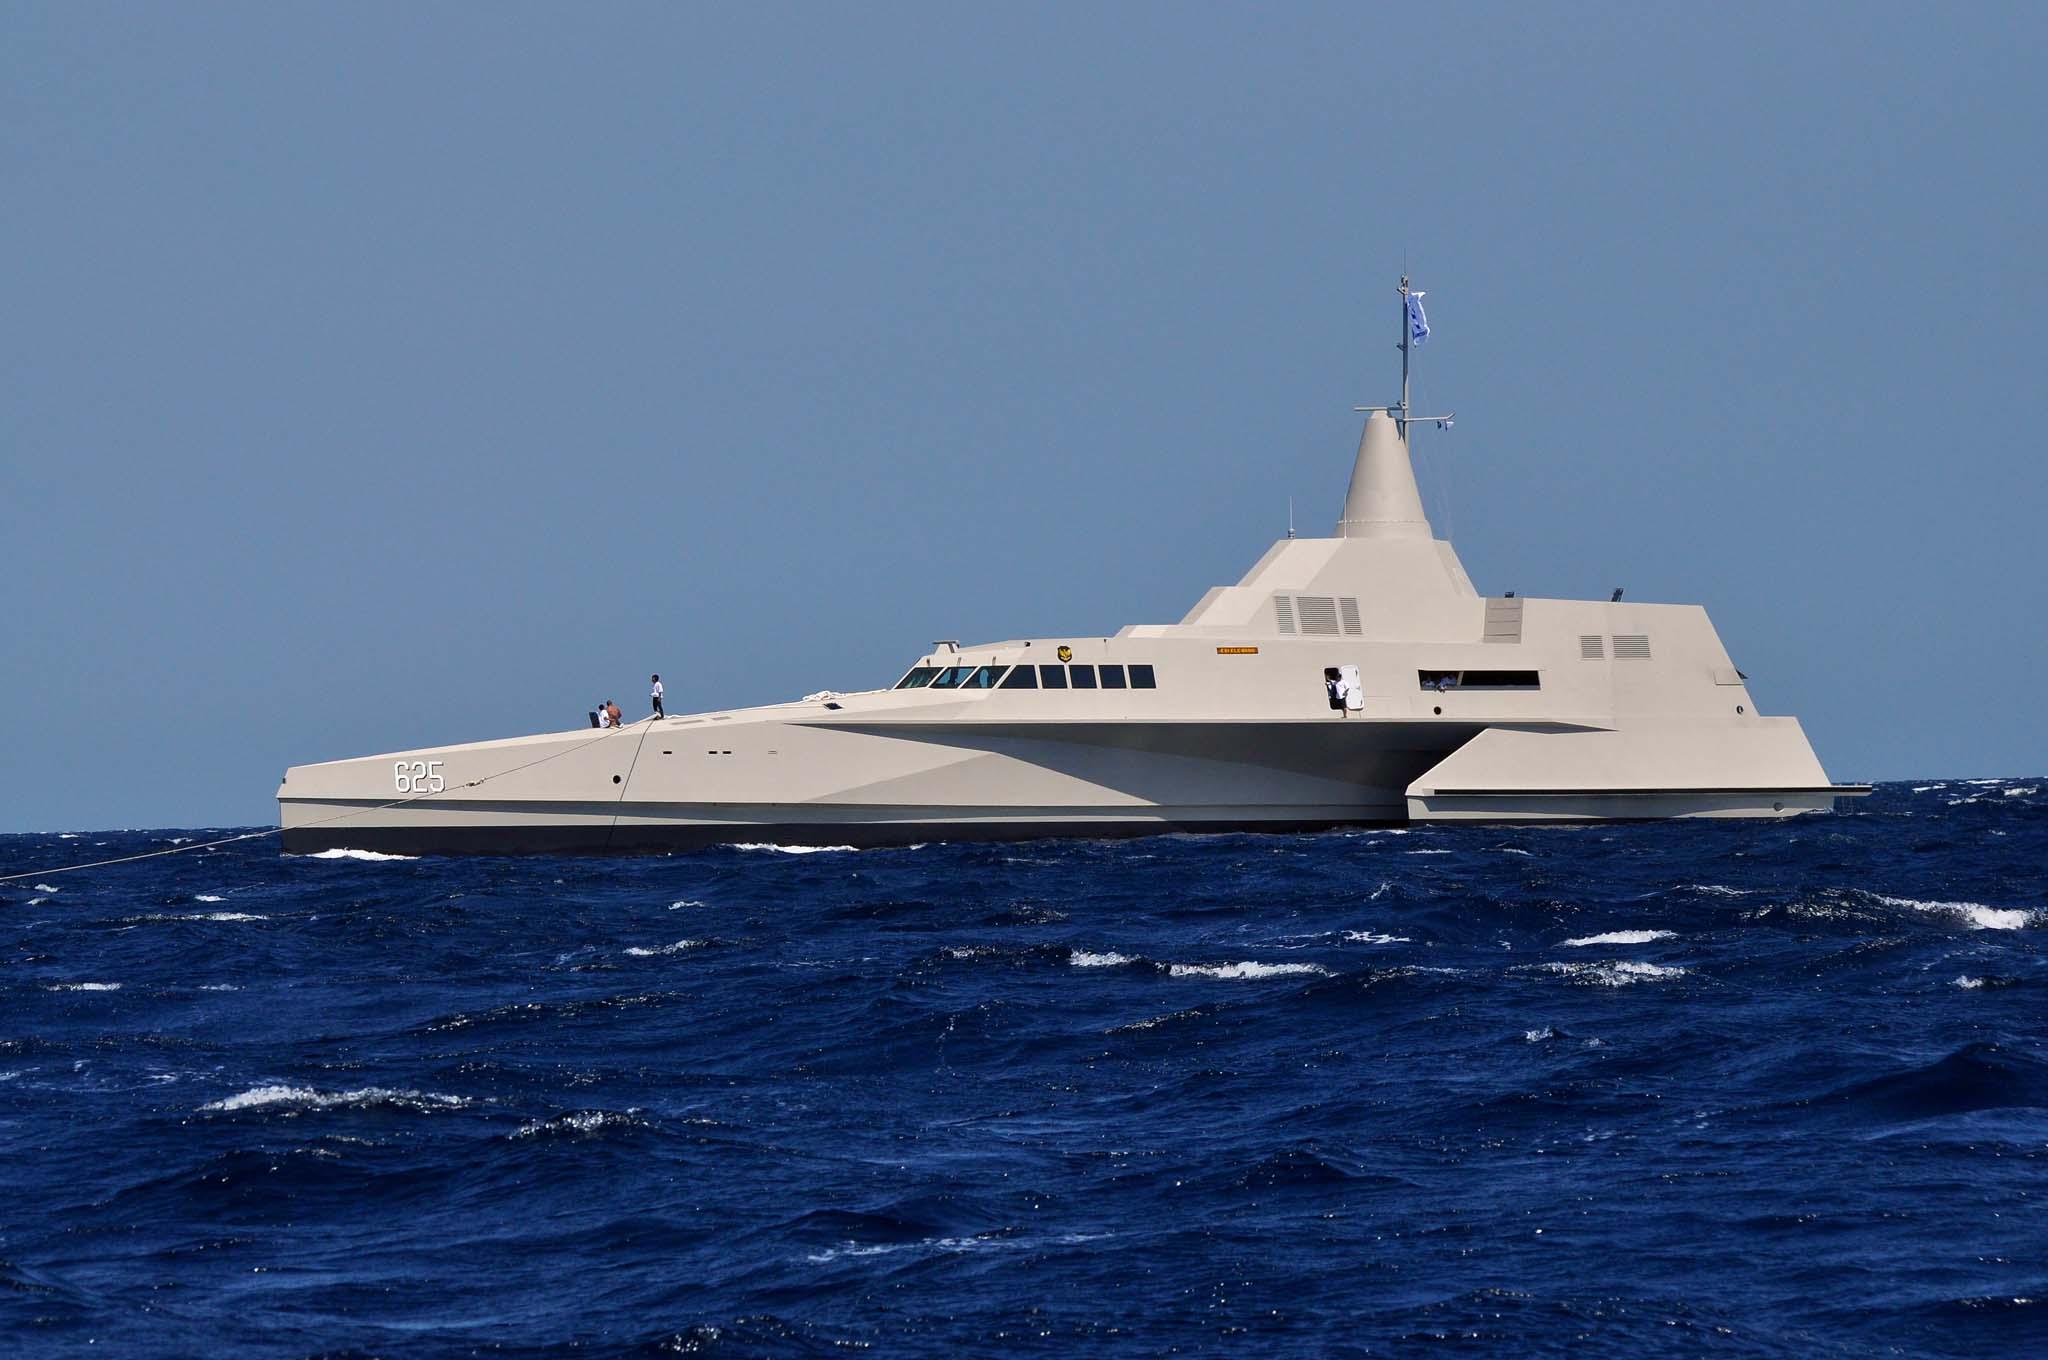 63m Fast MissileTrimaran Patrol Vessel - in.jpg